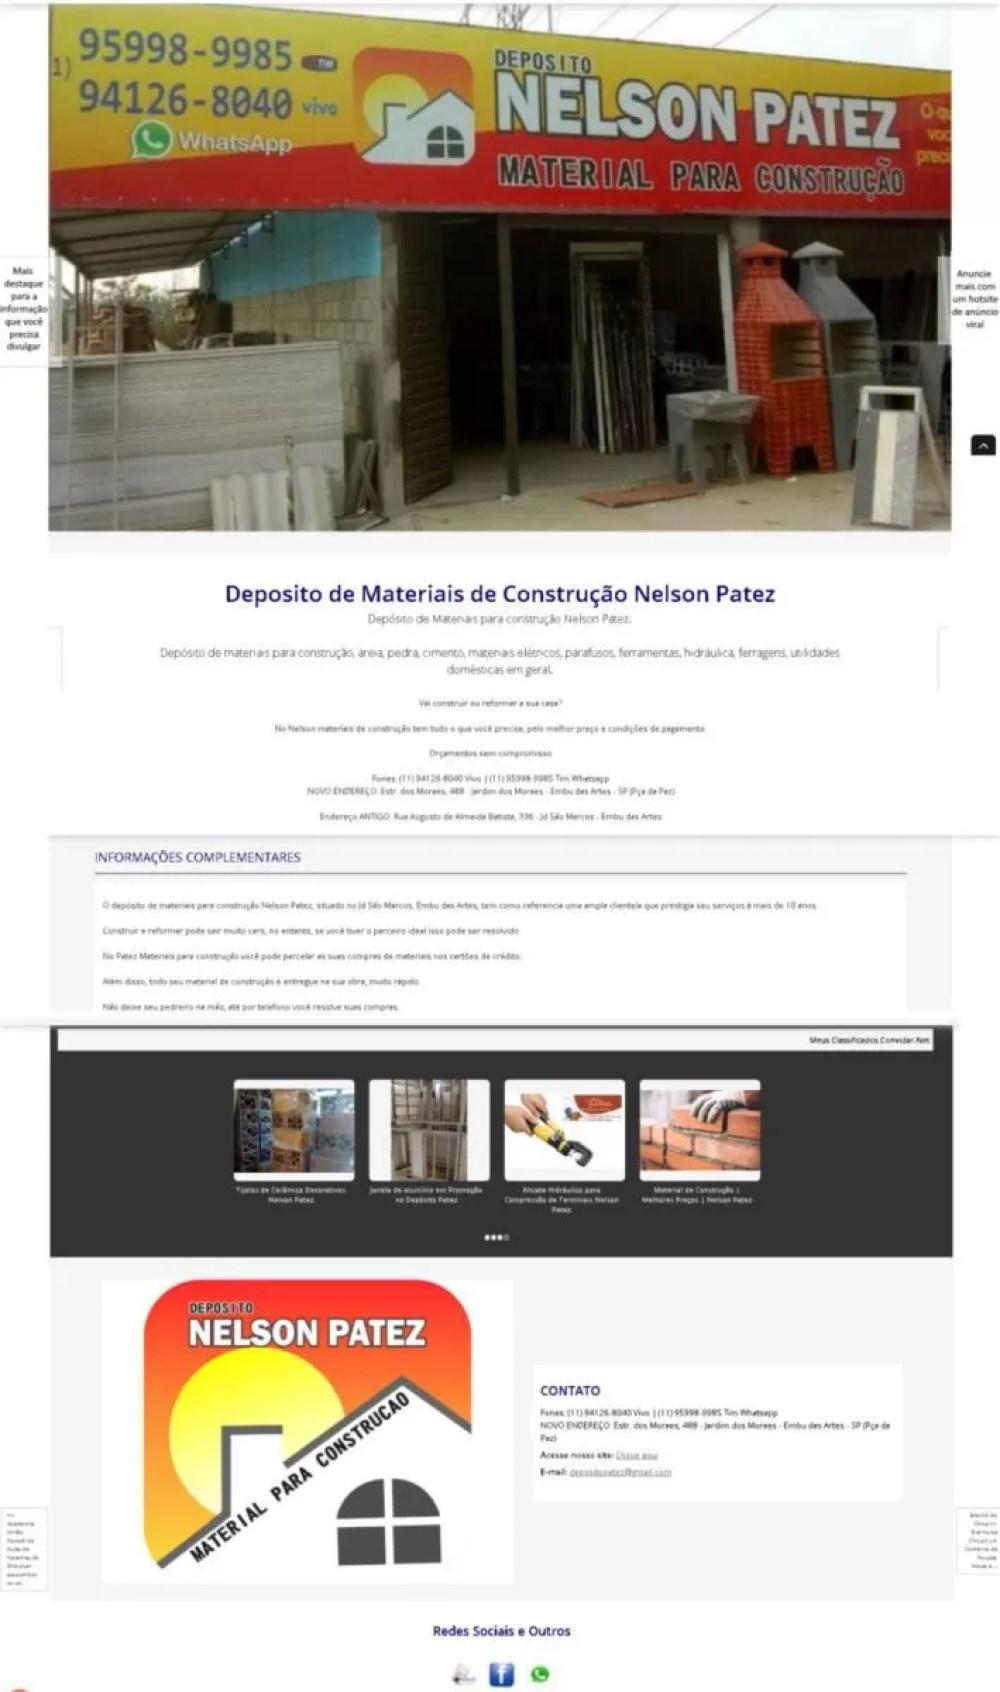 hotsite de anúncio viral marketing página de anúncio publicidade negócios nelson patez depósito